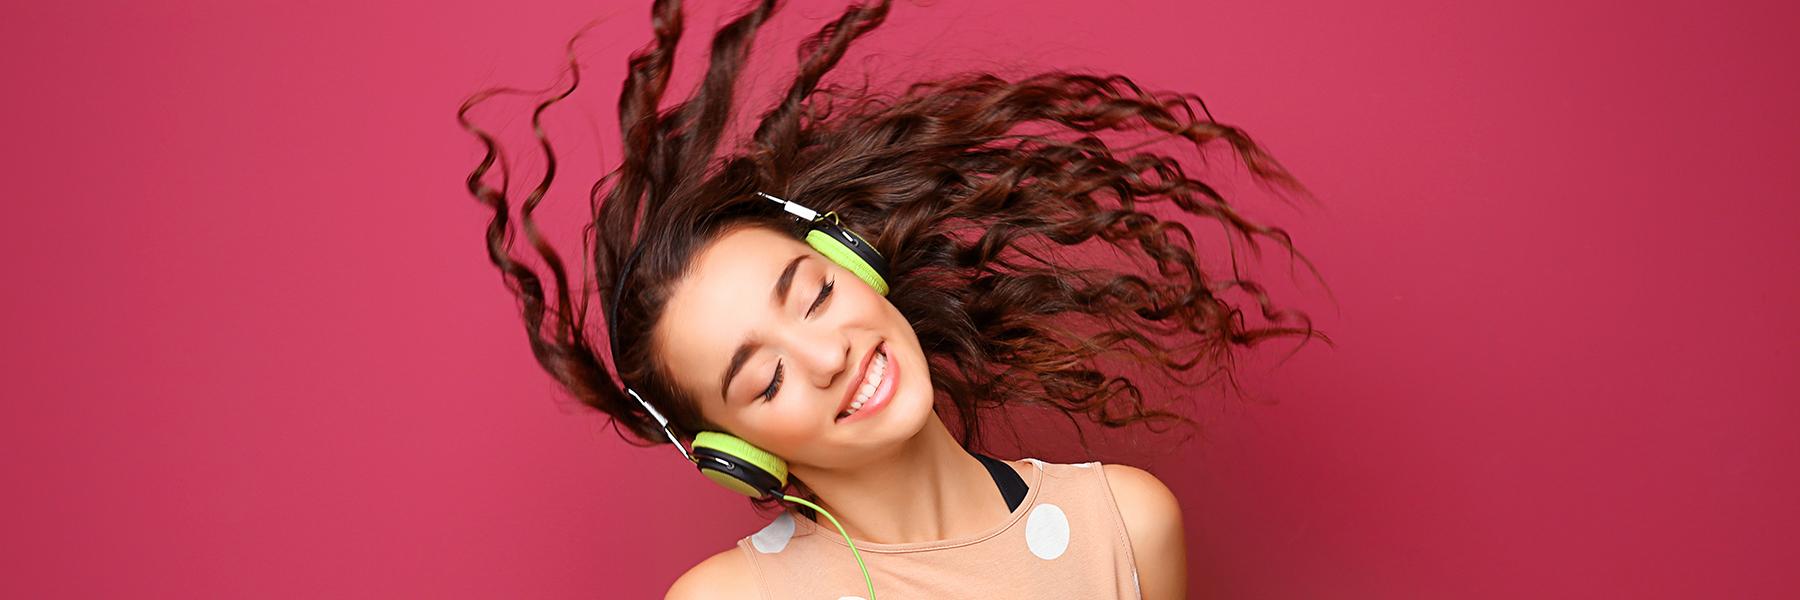 Audio marketing: el amor por una marca también entra por los oídos